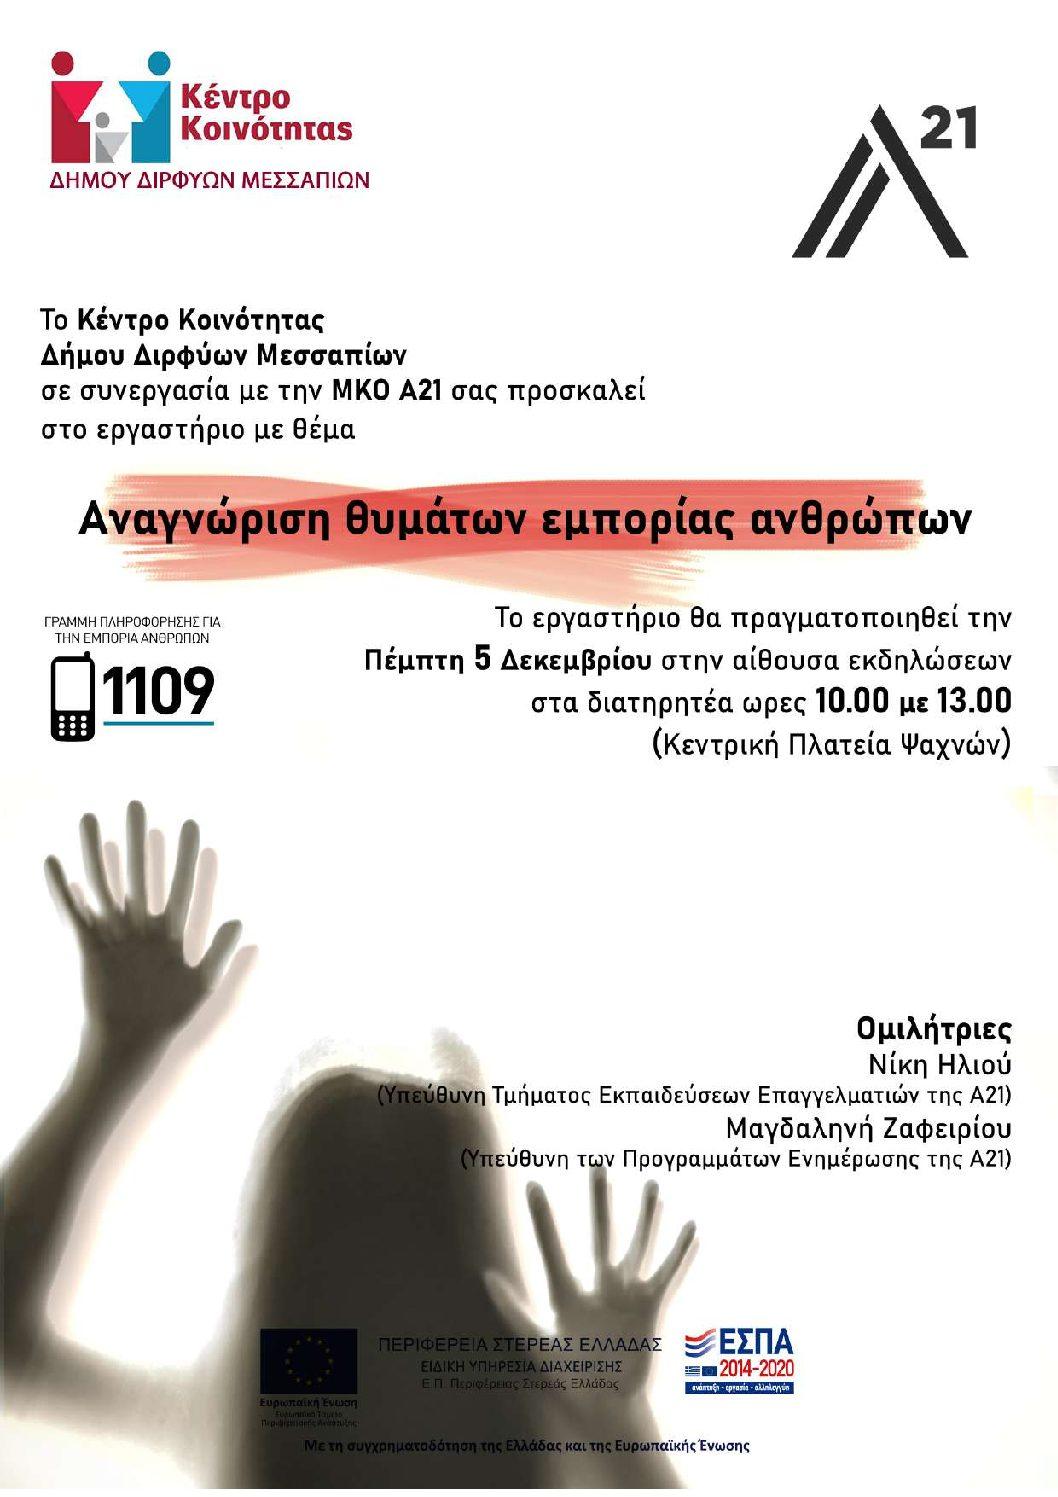 Το Κέντρο Κοινότητας σε συνεργασία με την ΜΚΟ Α21 και την Γραμμή 1109